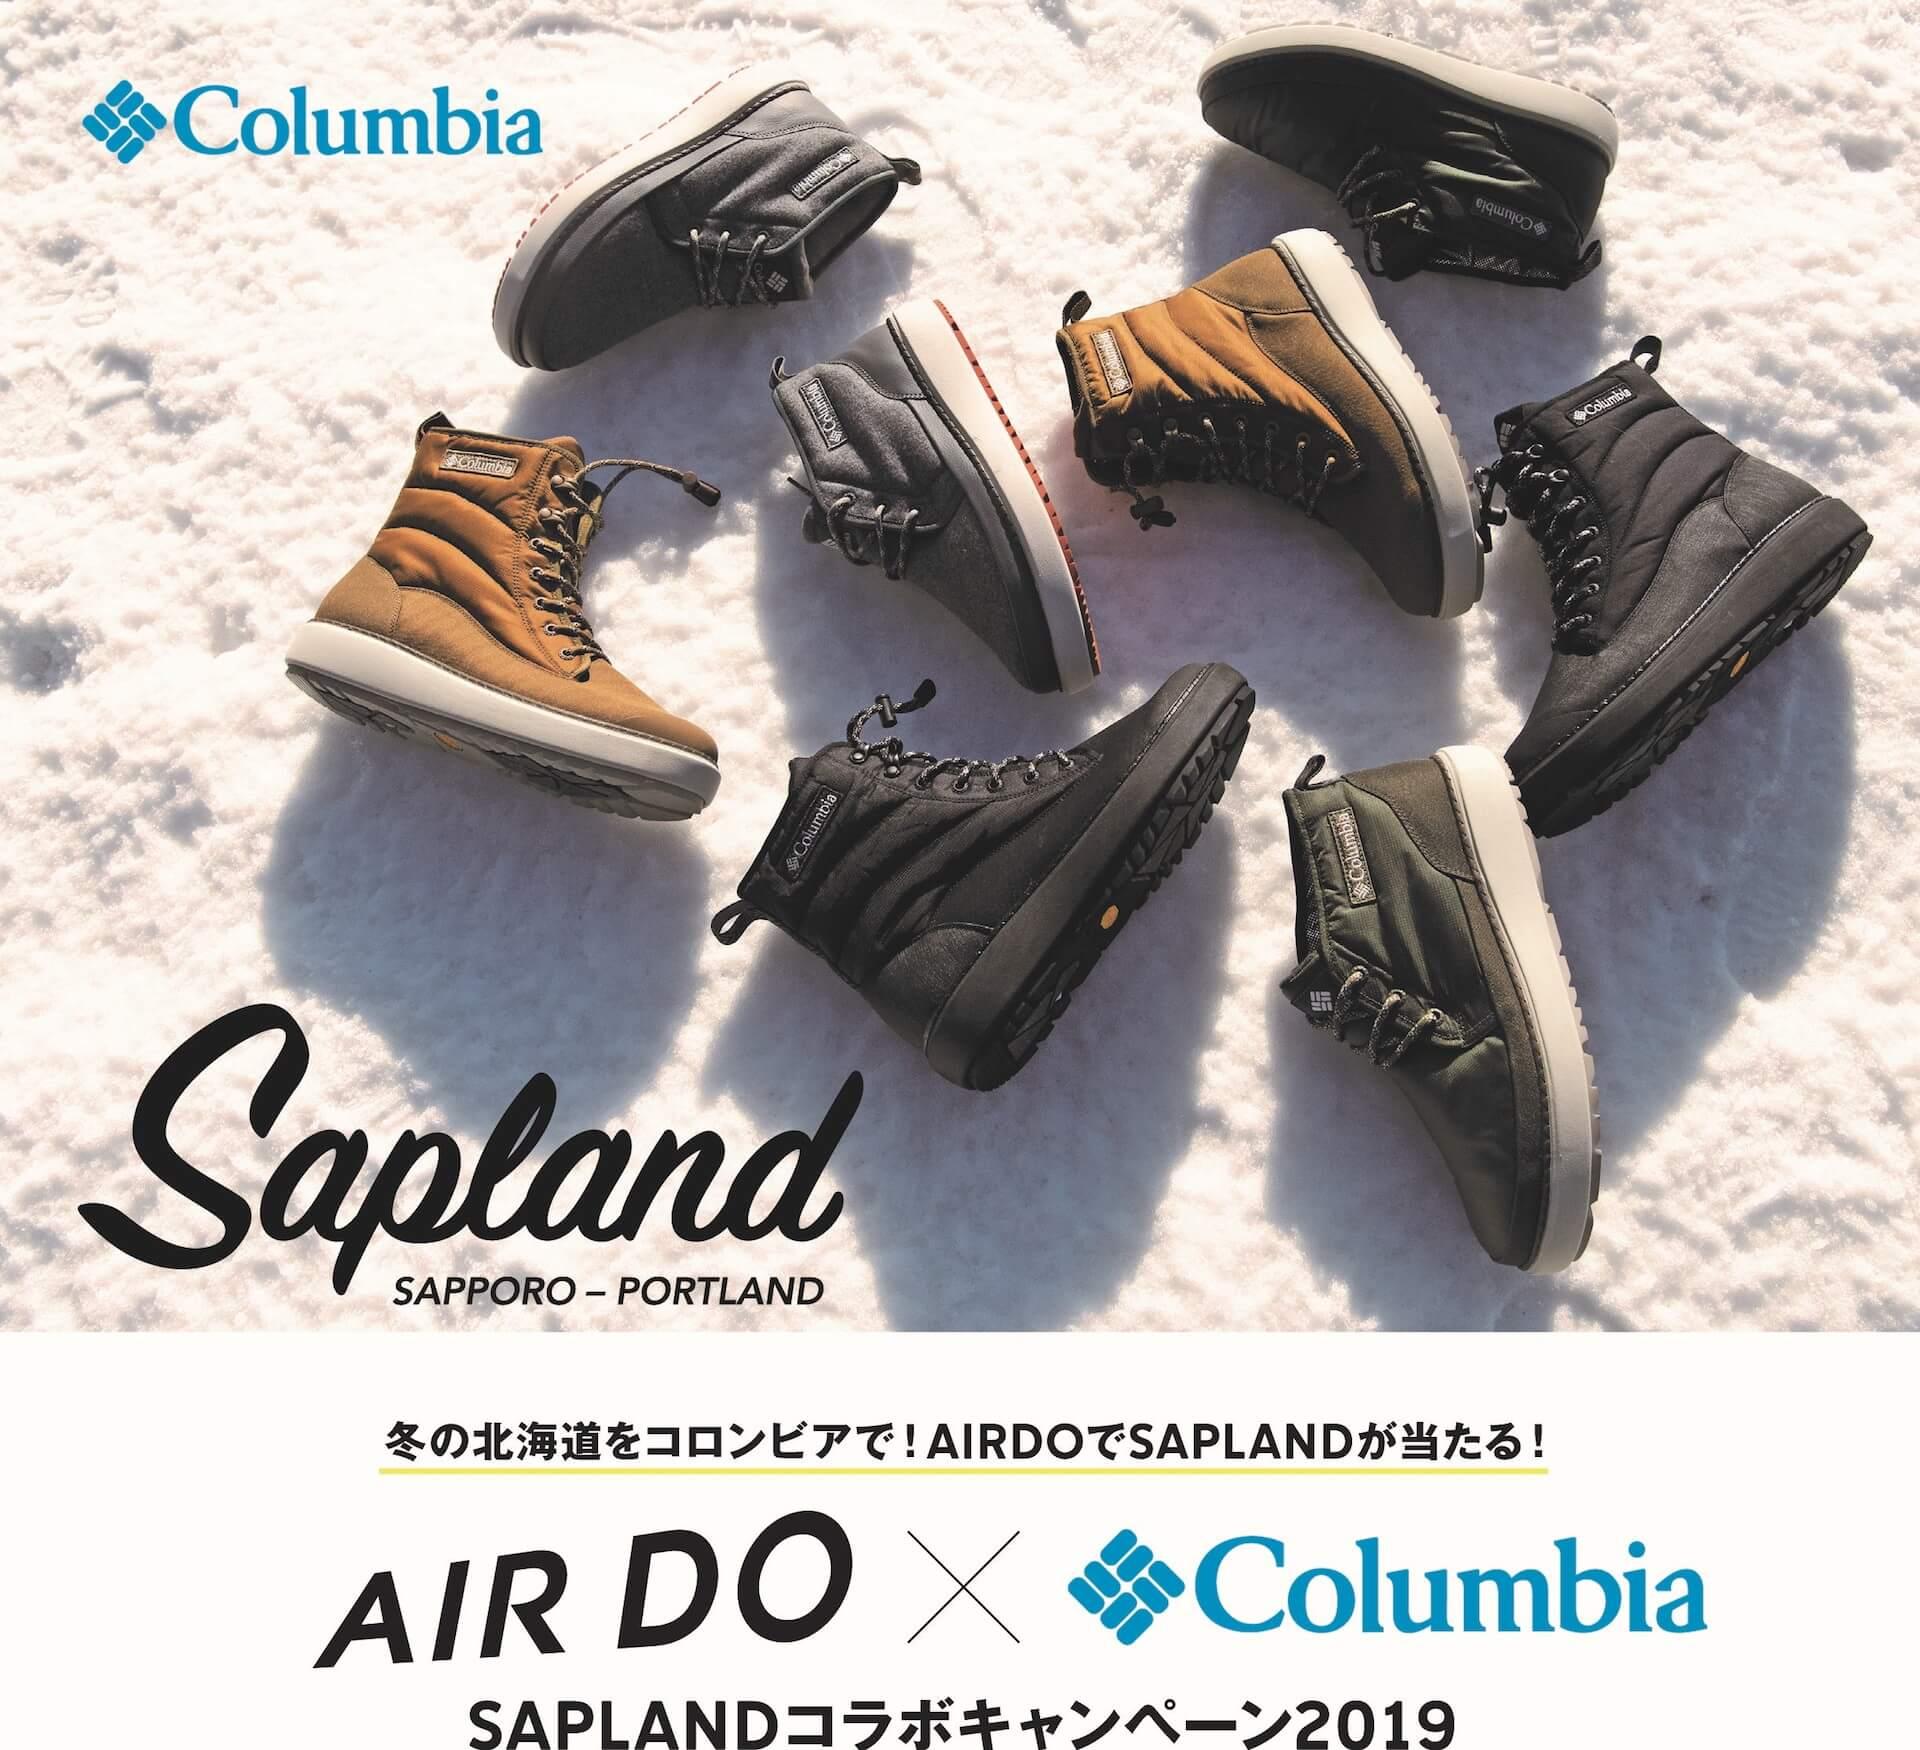 飛行機に乗ってコロンビアのウィンターブーツを当てよう!AIRDOとコラボキャンペーンを実施 life191018_columbia_main